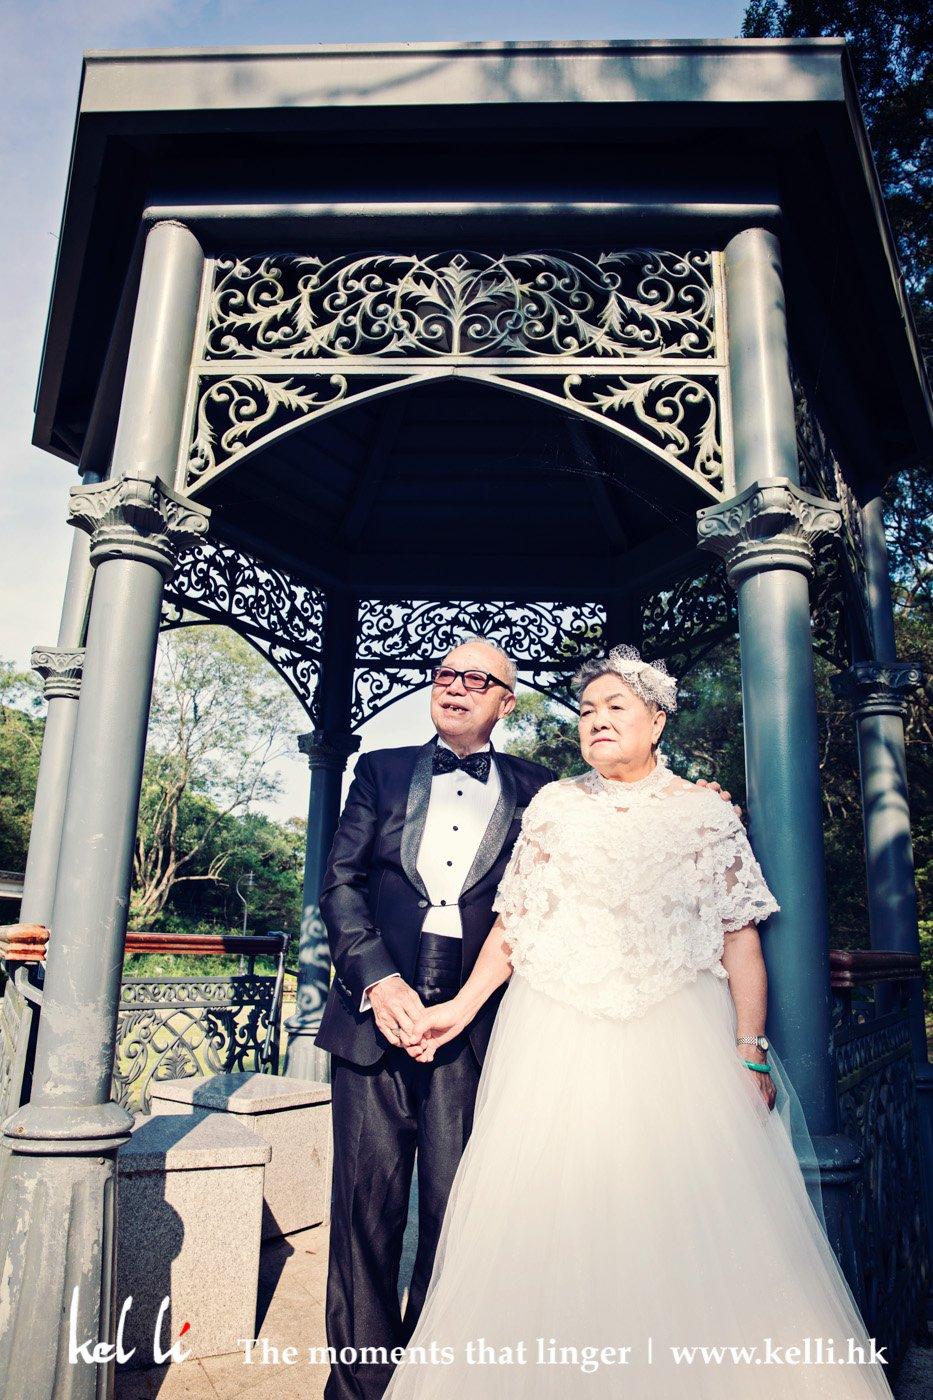 為長者安居協會拍攝的老人婚紗照